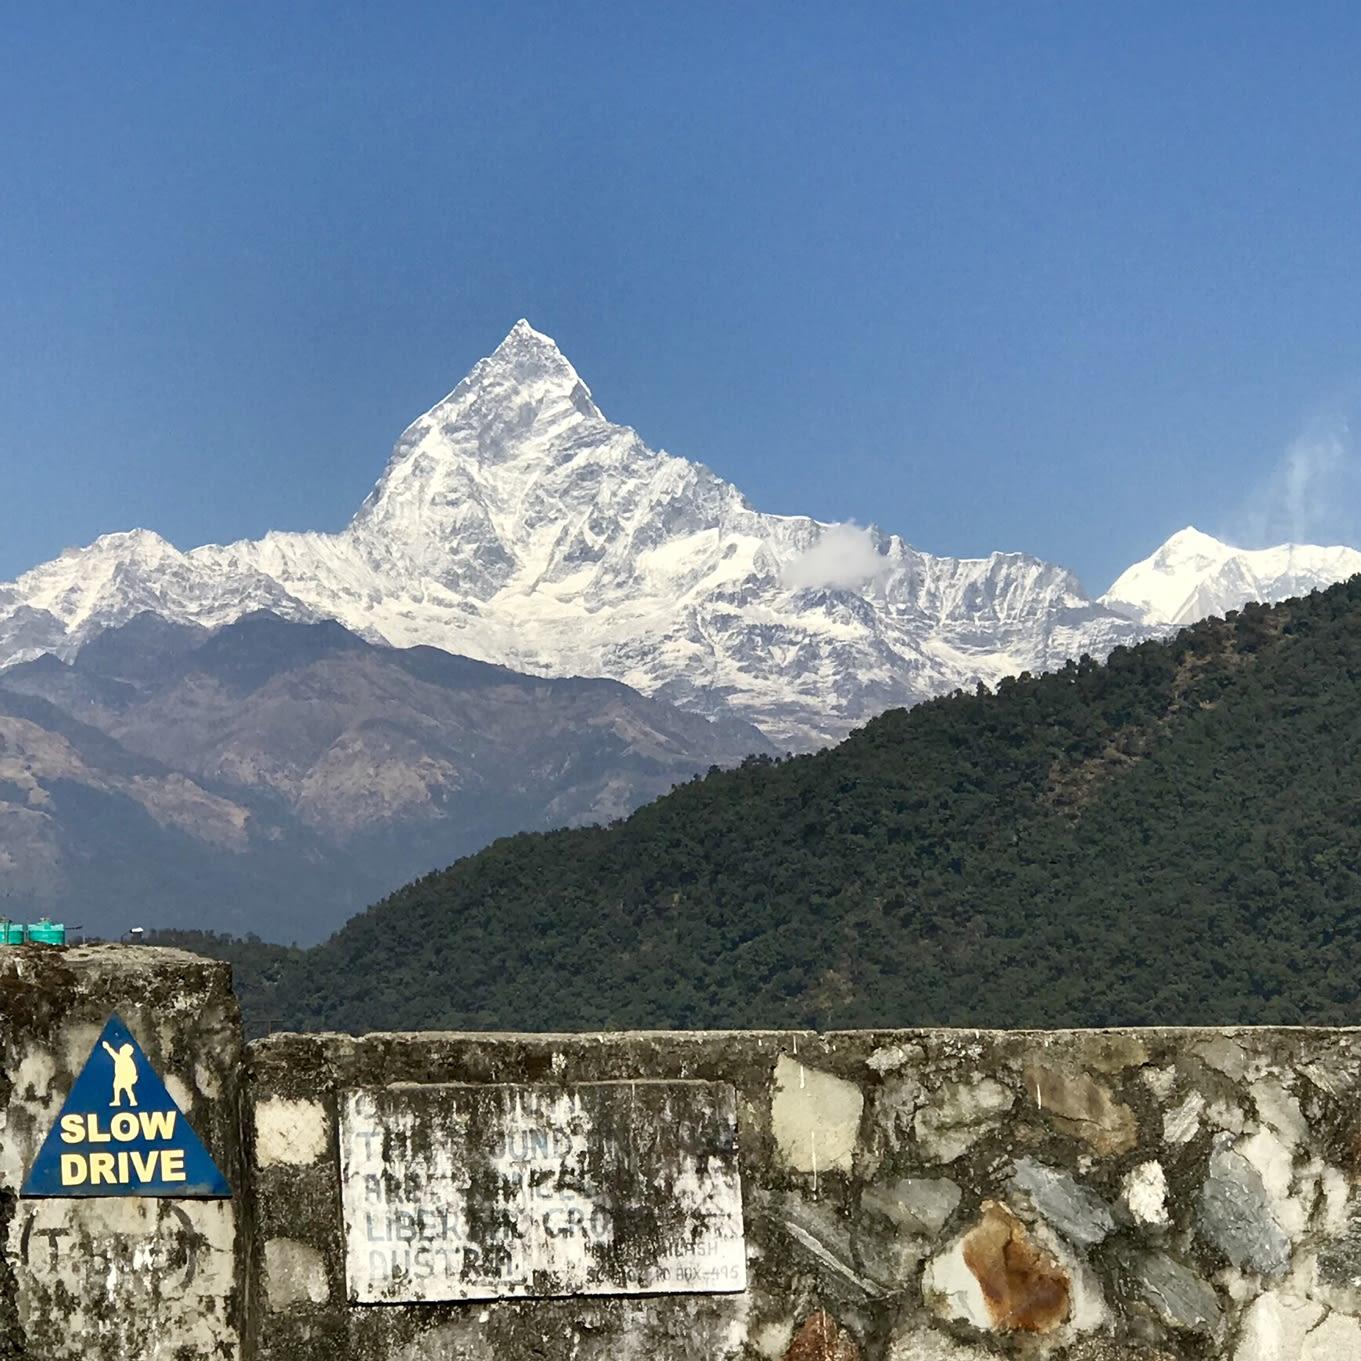 du lịch nepal: đỉnh fishtail